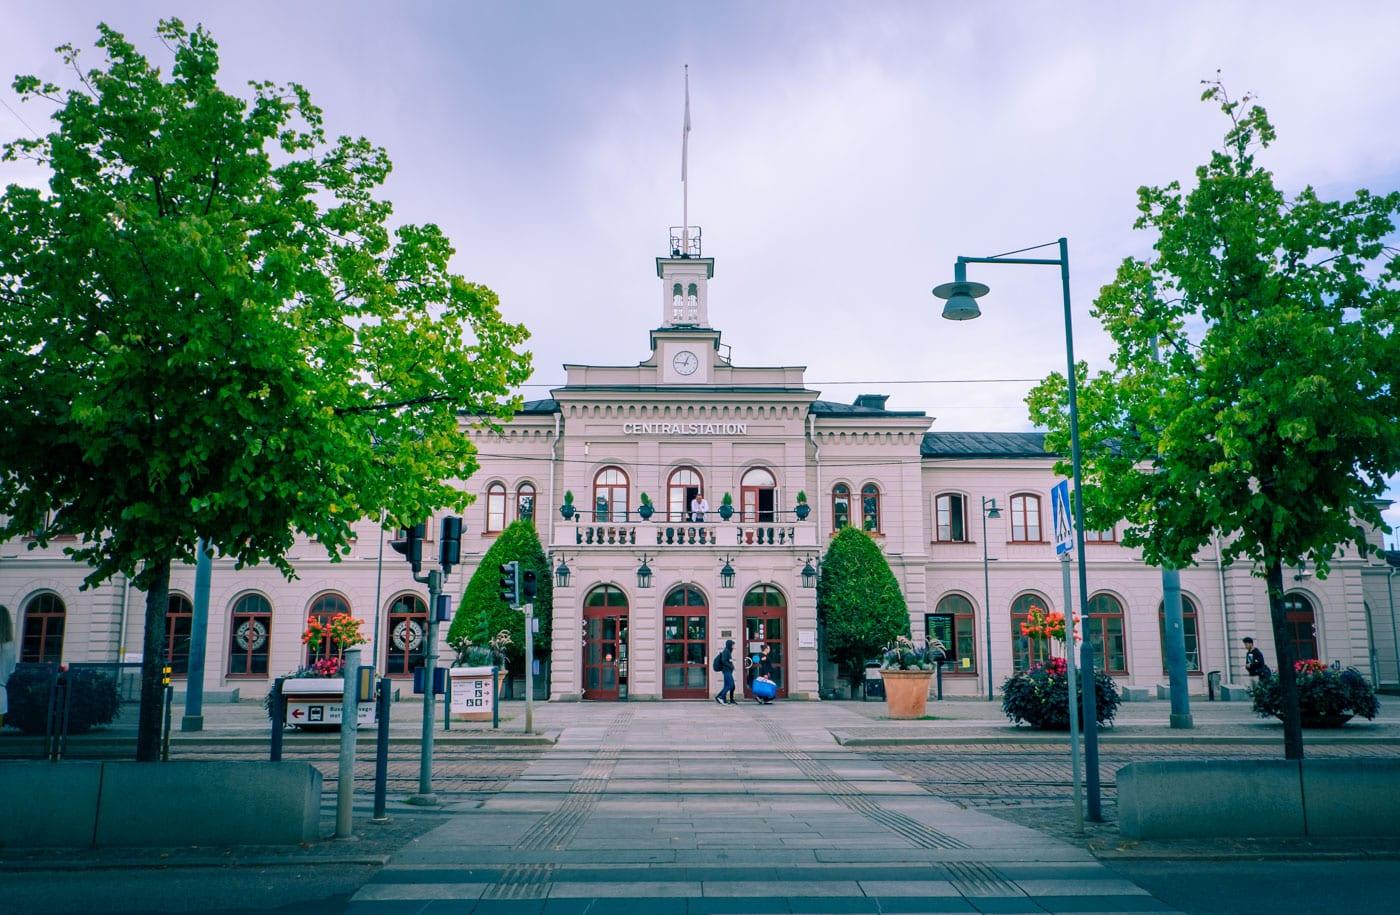 Bo i en tågstation i Norrköping